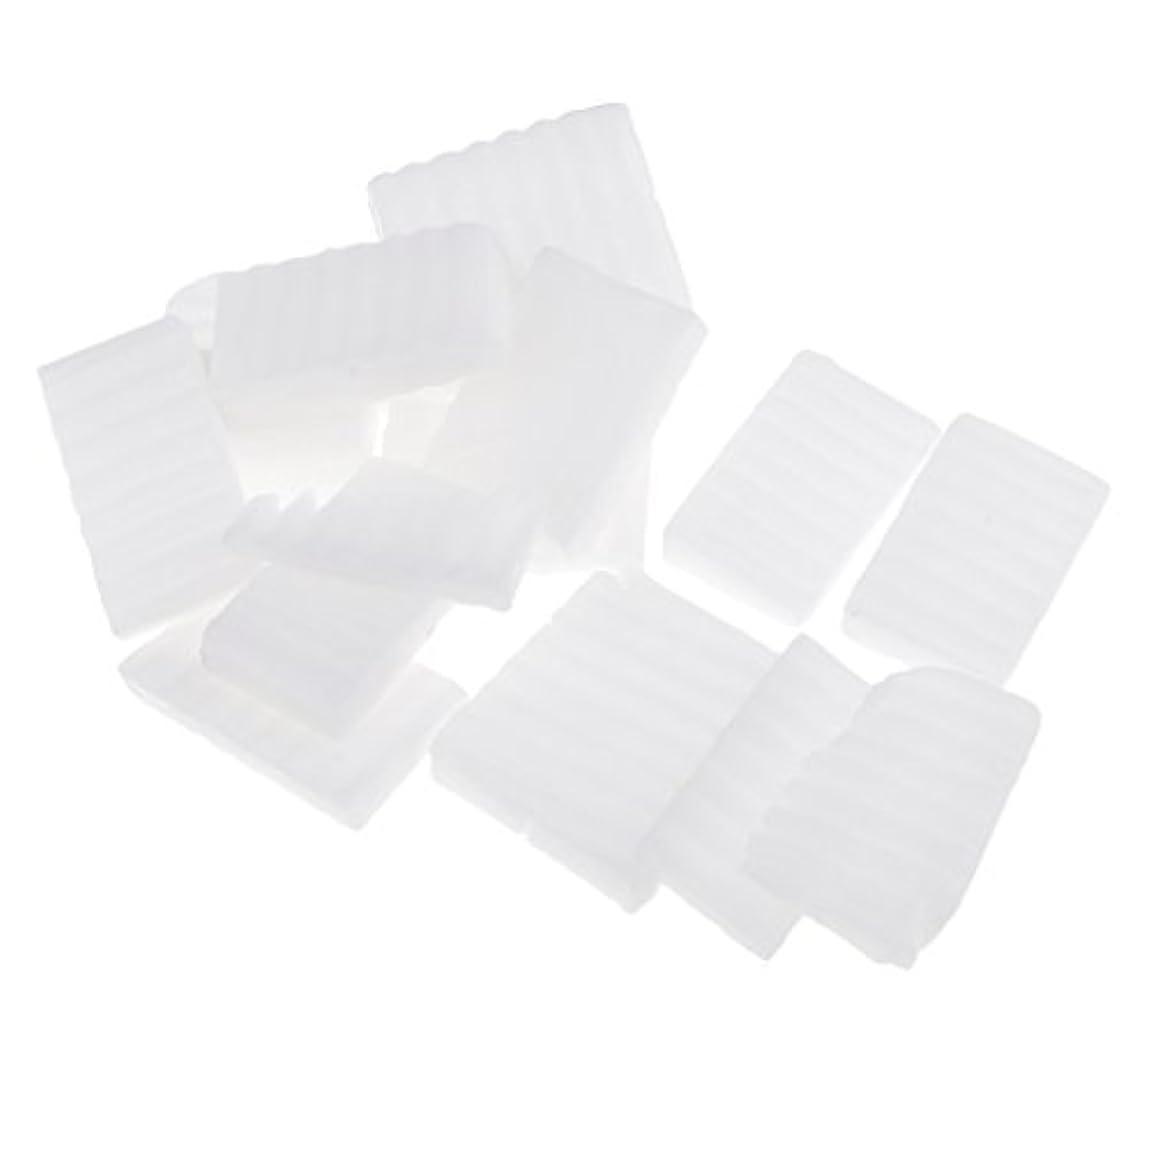 東ティモール珍しい生物学約500g ホワイト 石鹸ベース DIY 手作り 石鹸 材料